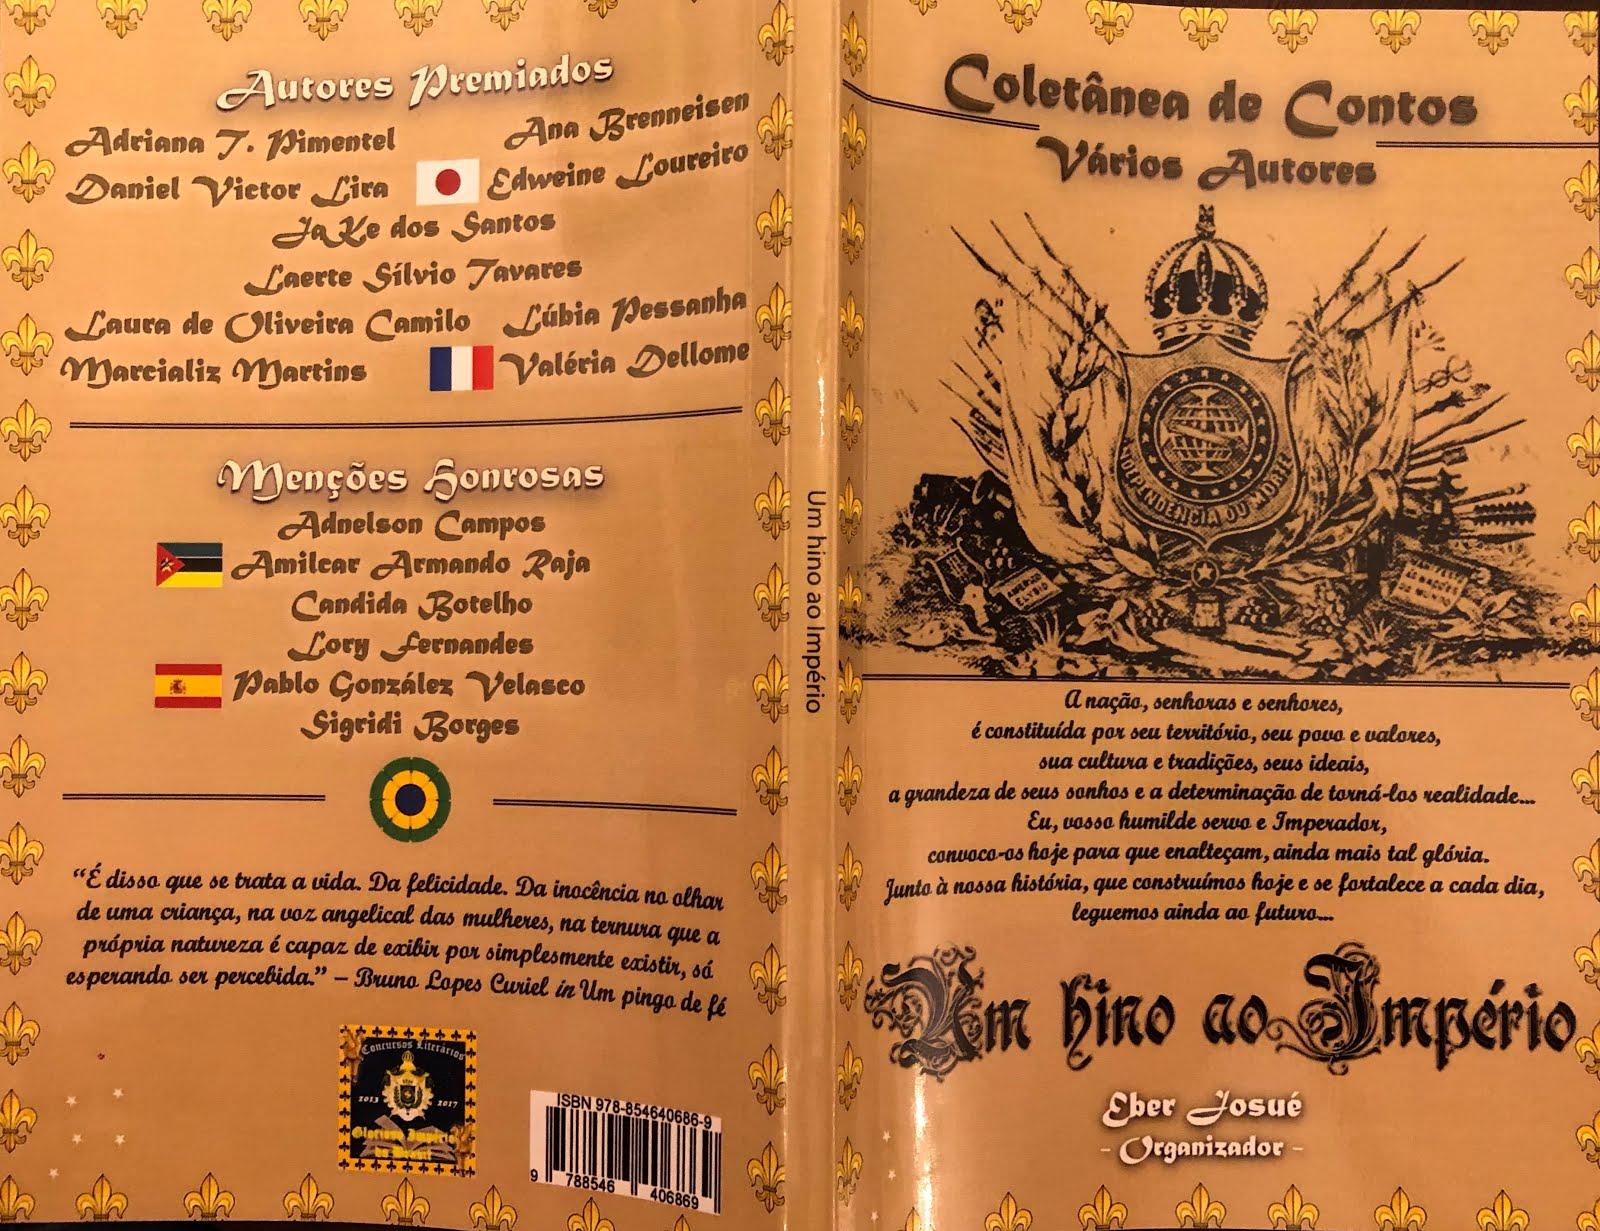 COLETÂNEA DE CONTOS - CONCURSO LITERÁRIO DA SÉRIE GLORIOSO IMPÉRIO DO BRASIL